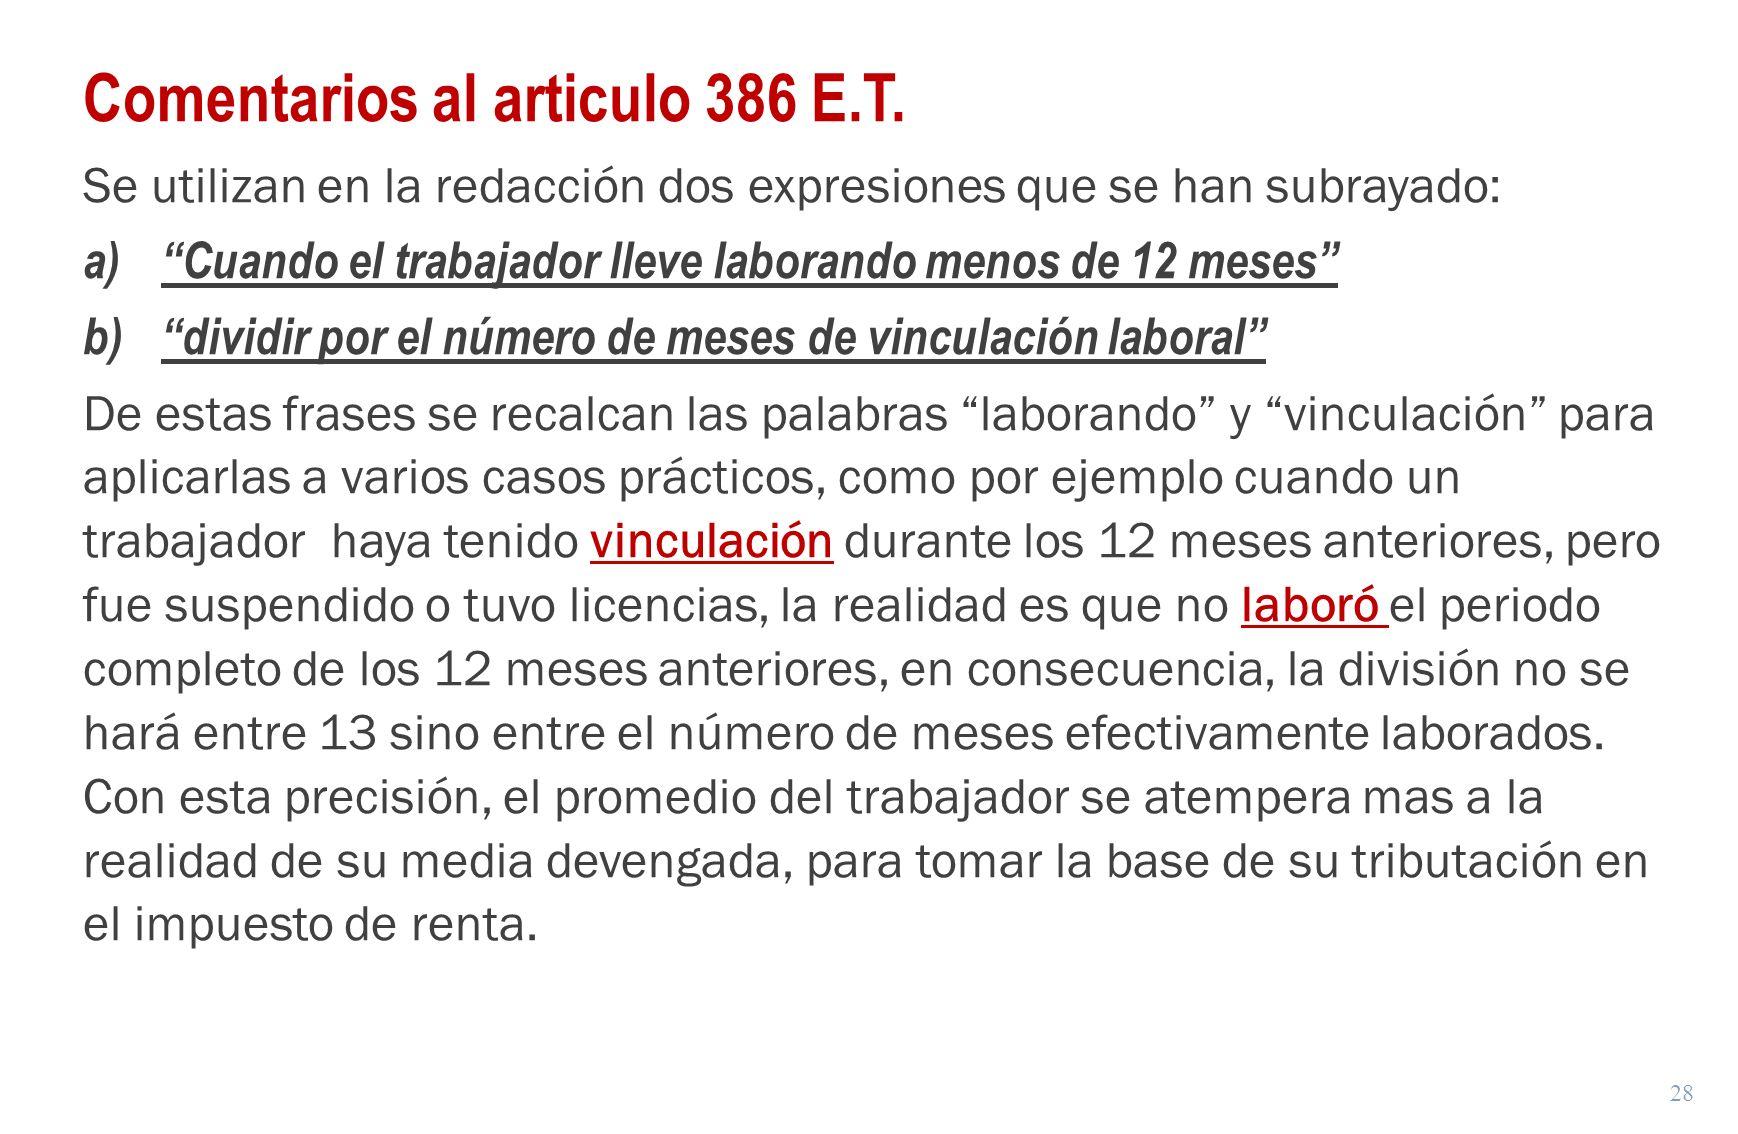 Comentarios al articulo 386 E.T.